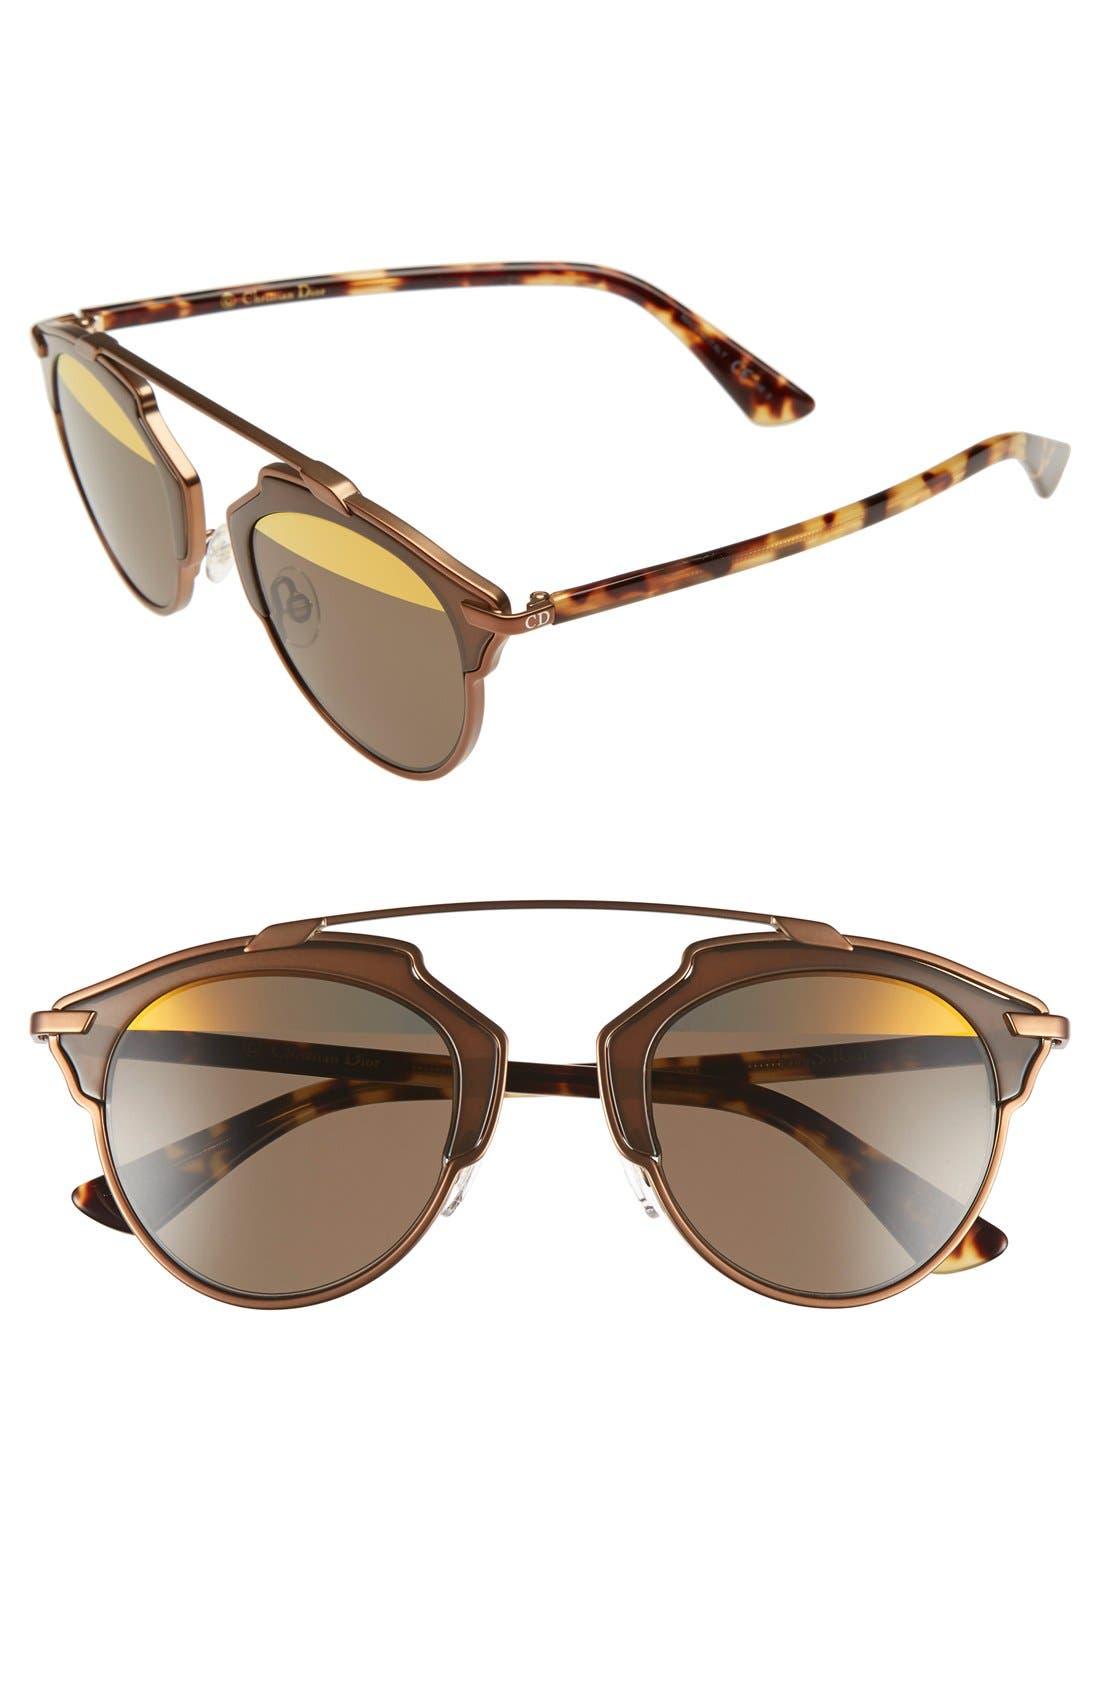 So Real 48mm Brow Bar Sunglasses,                             Main thumbnail 25, color,